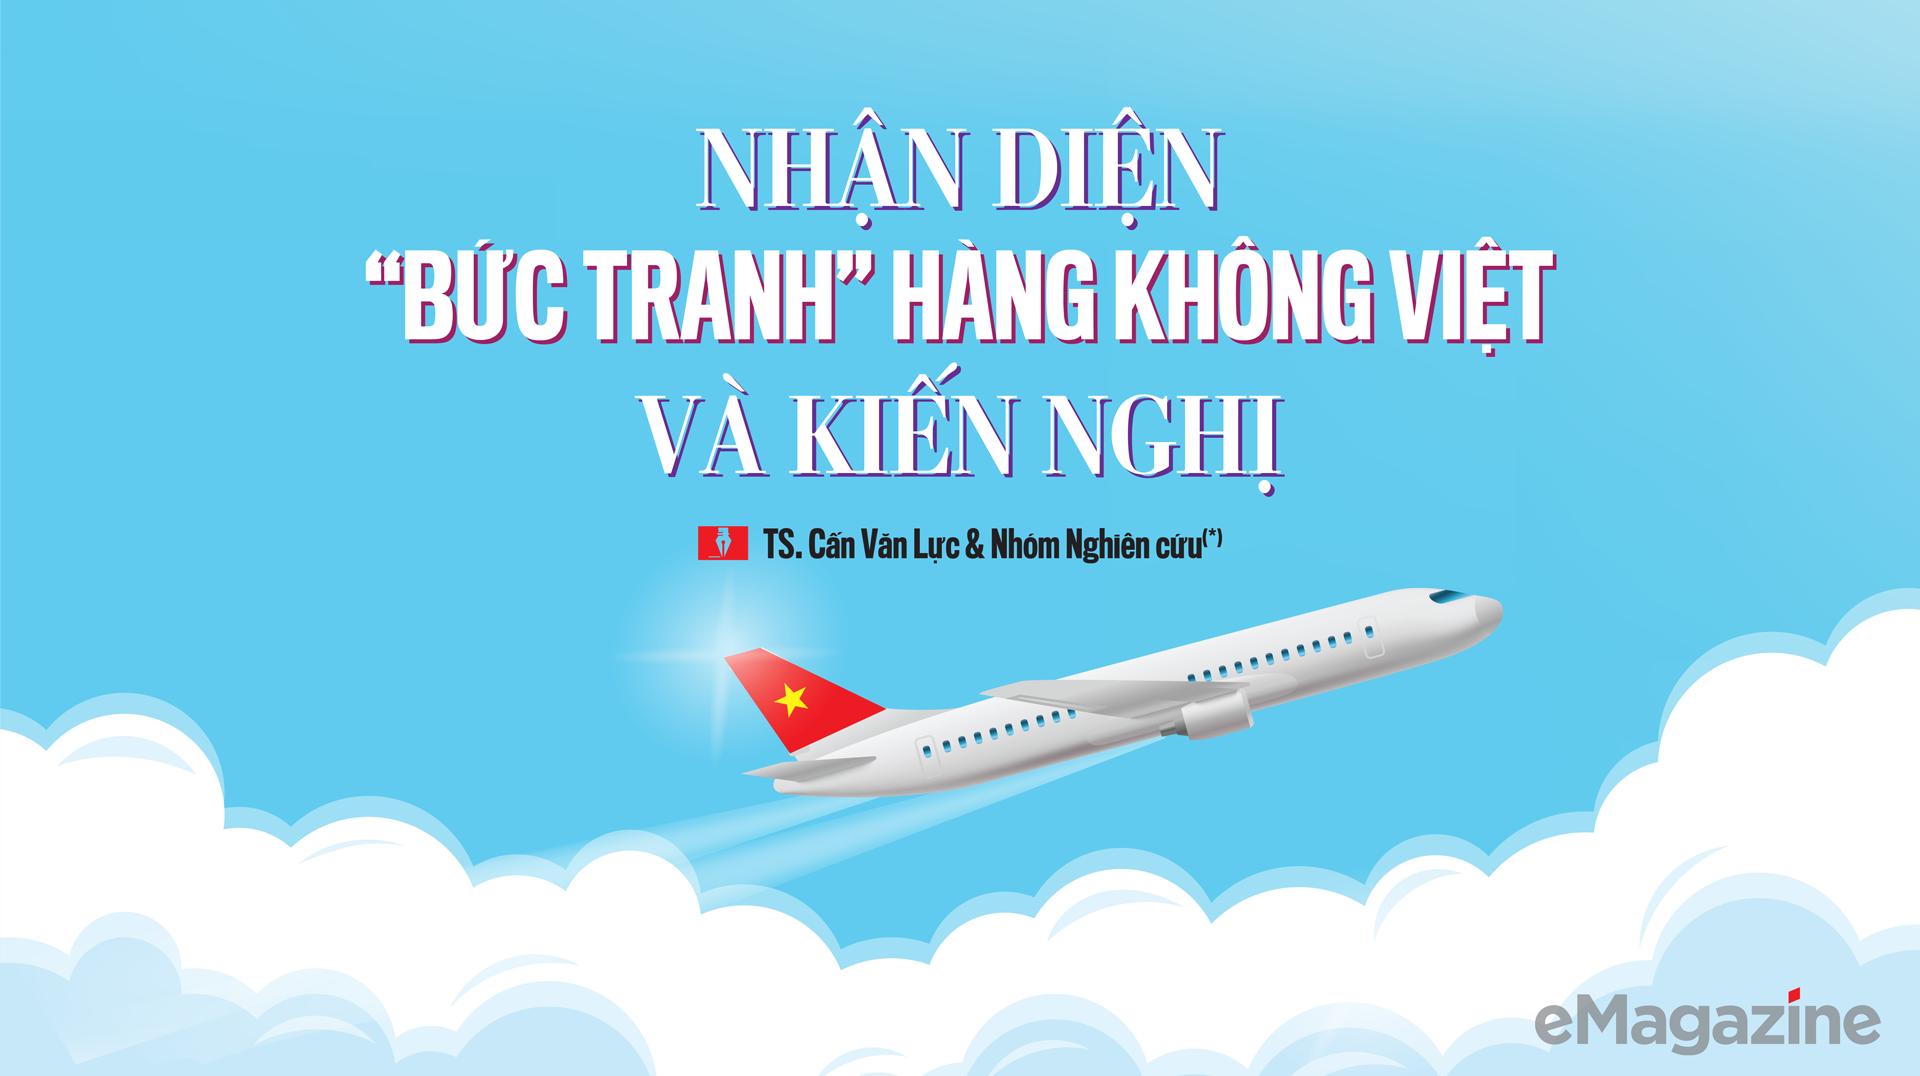 Nhận diện bức tranh hàng không Việt và kiến nghị - Ảnh 1